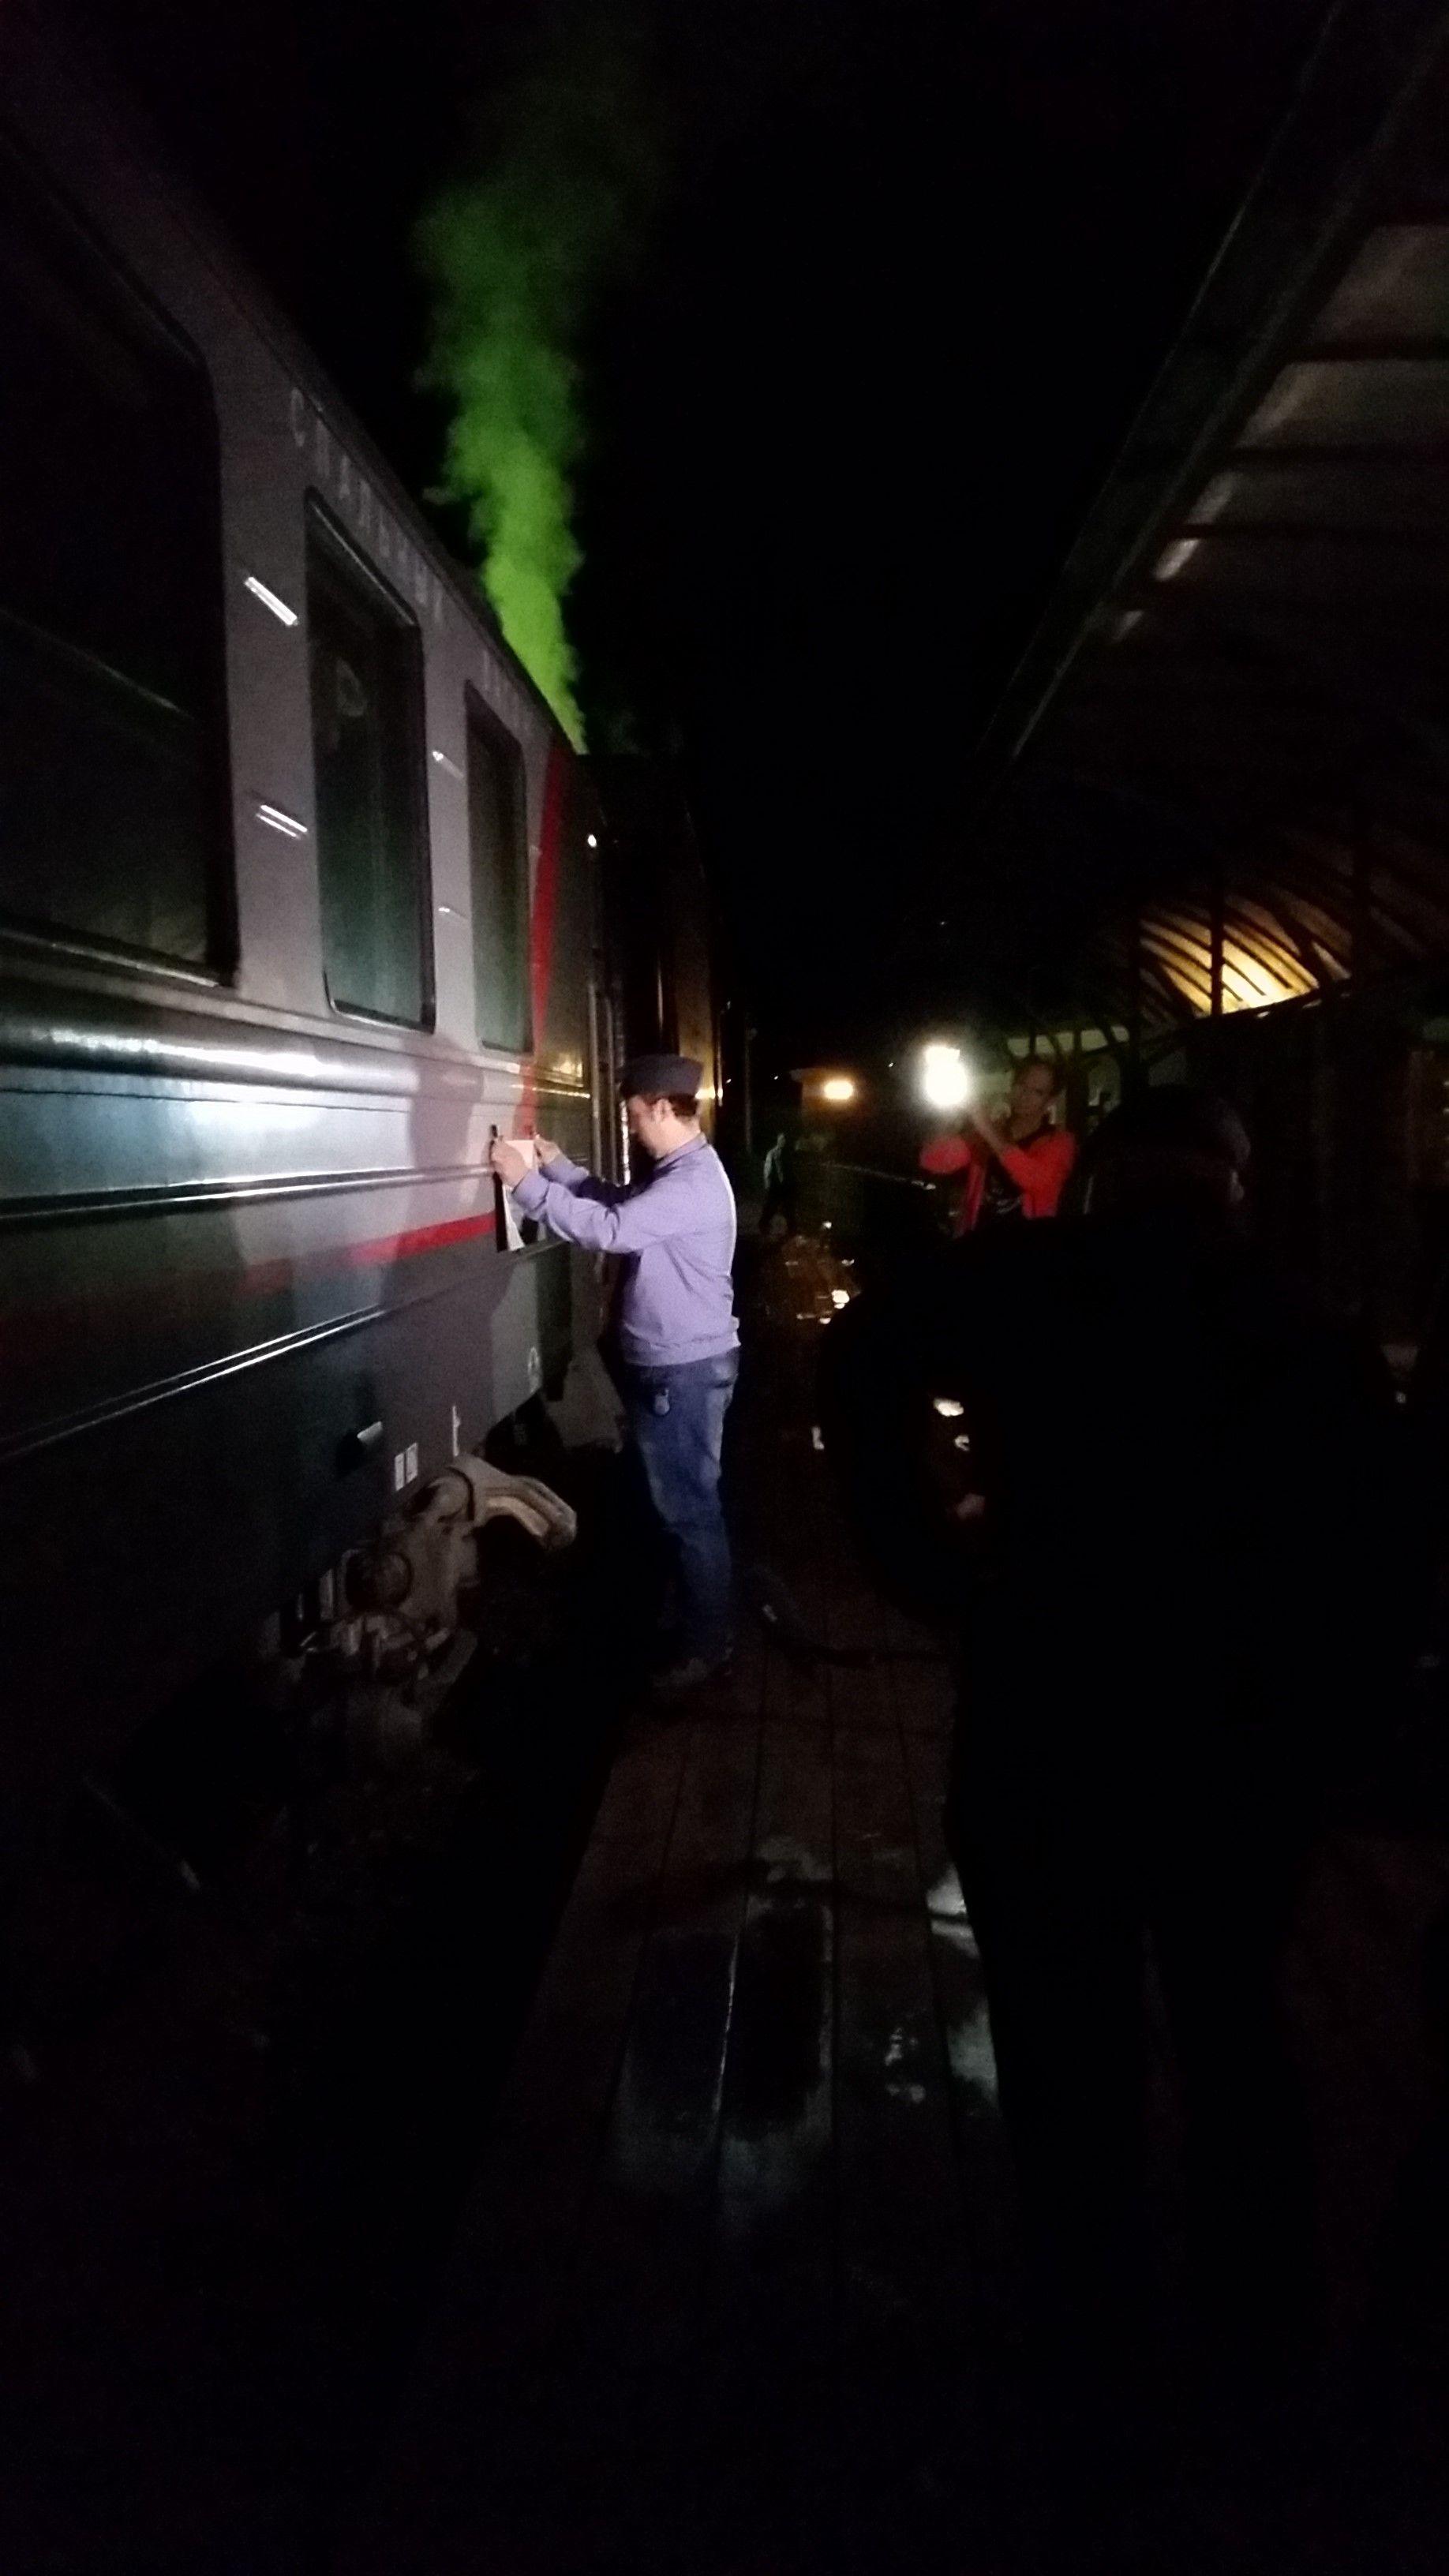 Wir sind endlich angekommen! Es ist ein bewegender Moment, als der Zug den Zielbahnhof Port Baikal in der Dunkelheit erreicht. Das Zuglaufschild wird symbolisch abgenommen, währen unter fast gespenstiger Stille nur die Dampflok vor sich hin zischt. Da blieb das ein oder andere Auge nicht trocken.